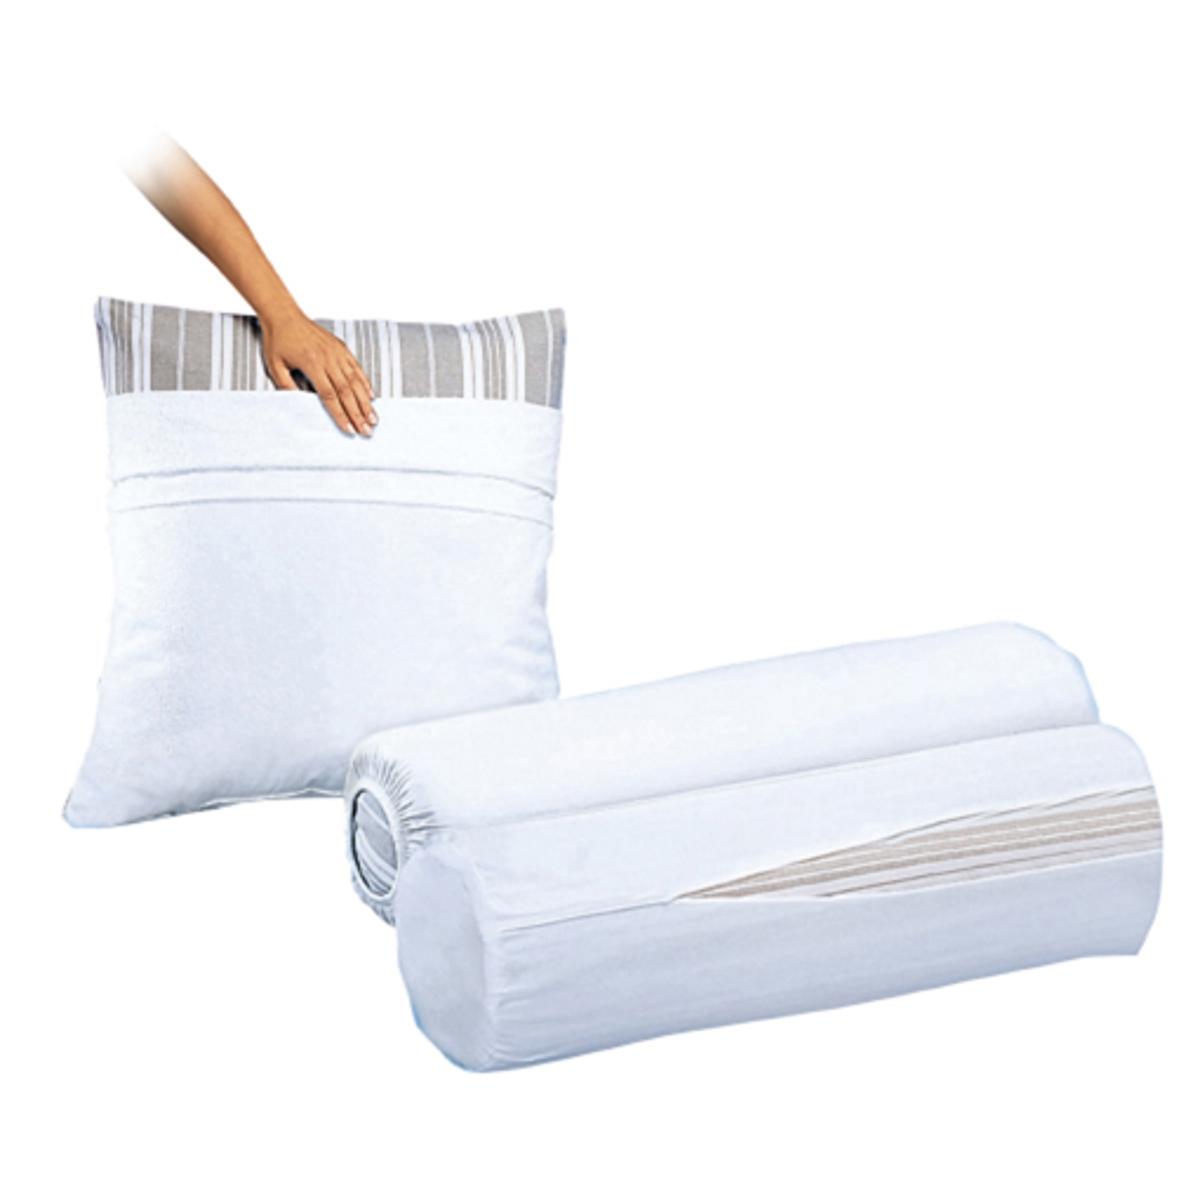 Комплект из 2 защитных чехлов на подушку из джерси, 100% хлопок